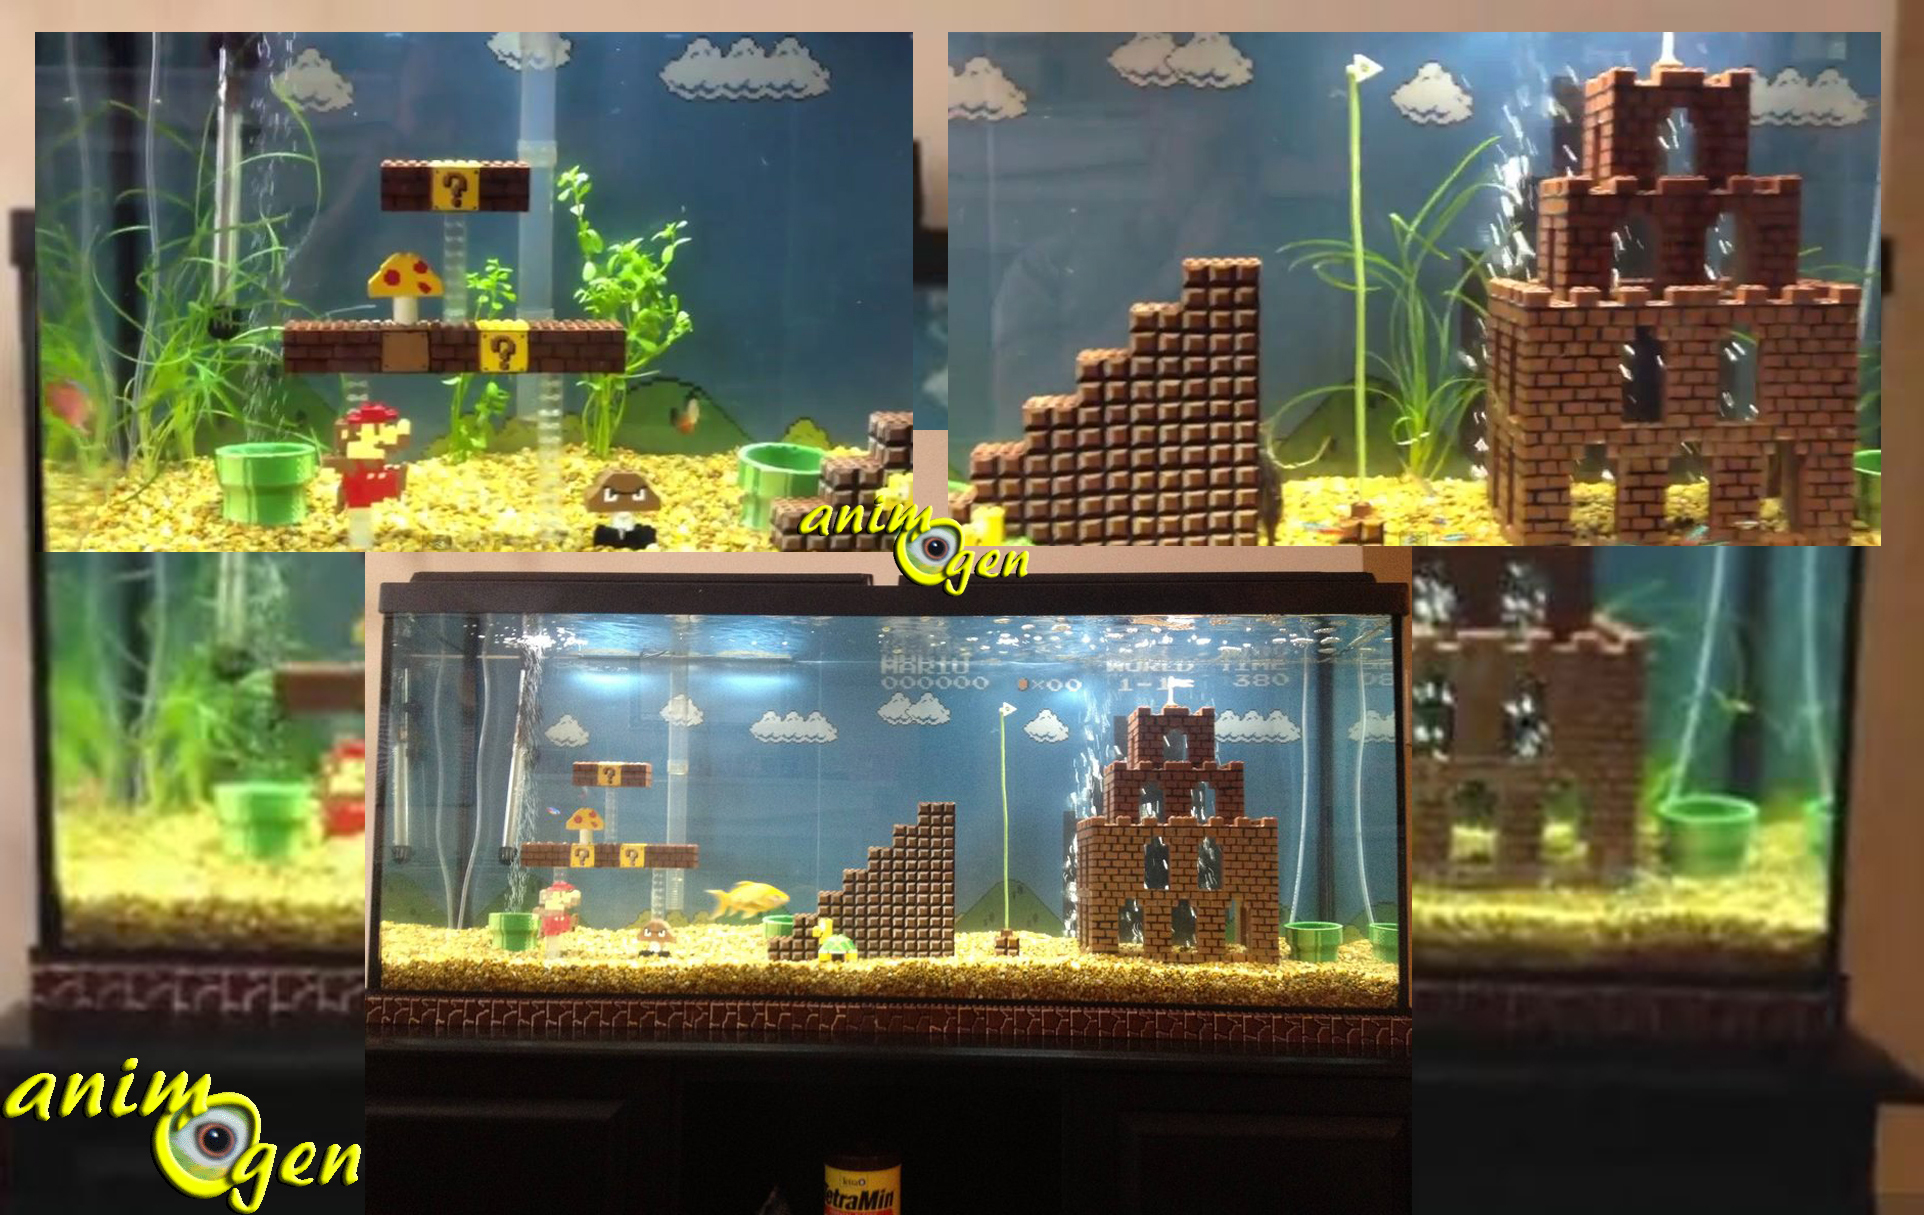 L'univers De Mario Bros Dans Un Aquarium, Pour Les Fans De destiné Jeux Du Poisson